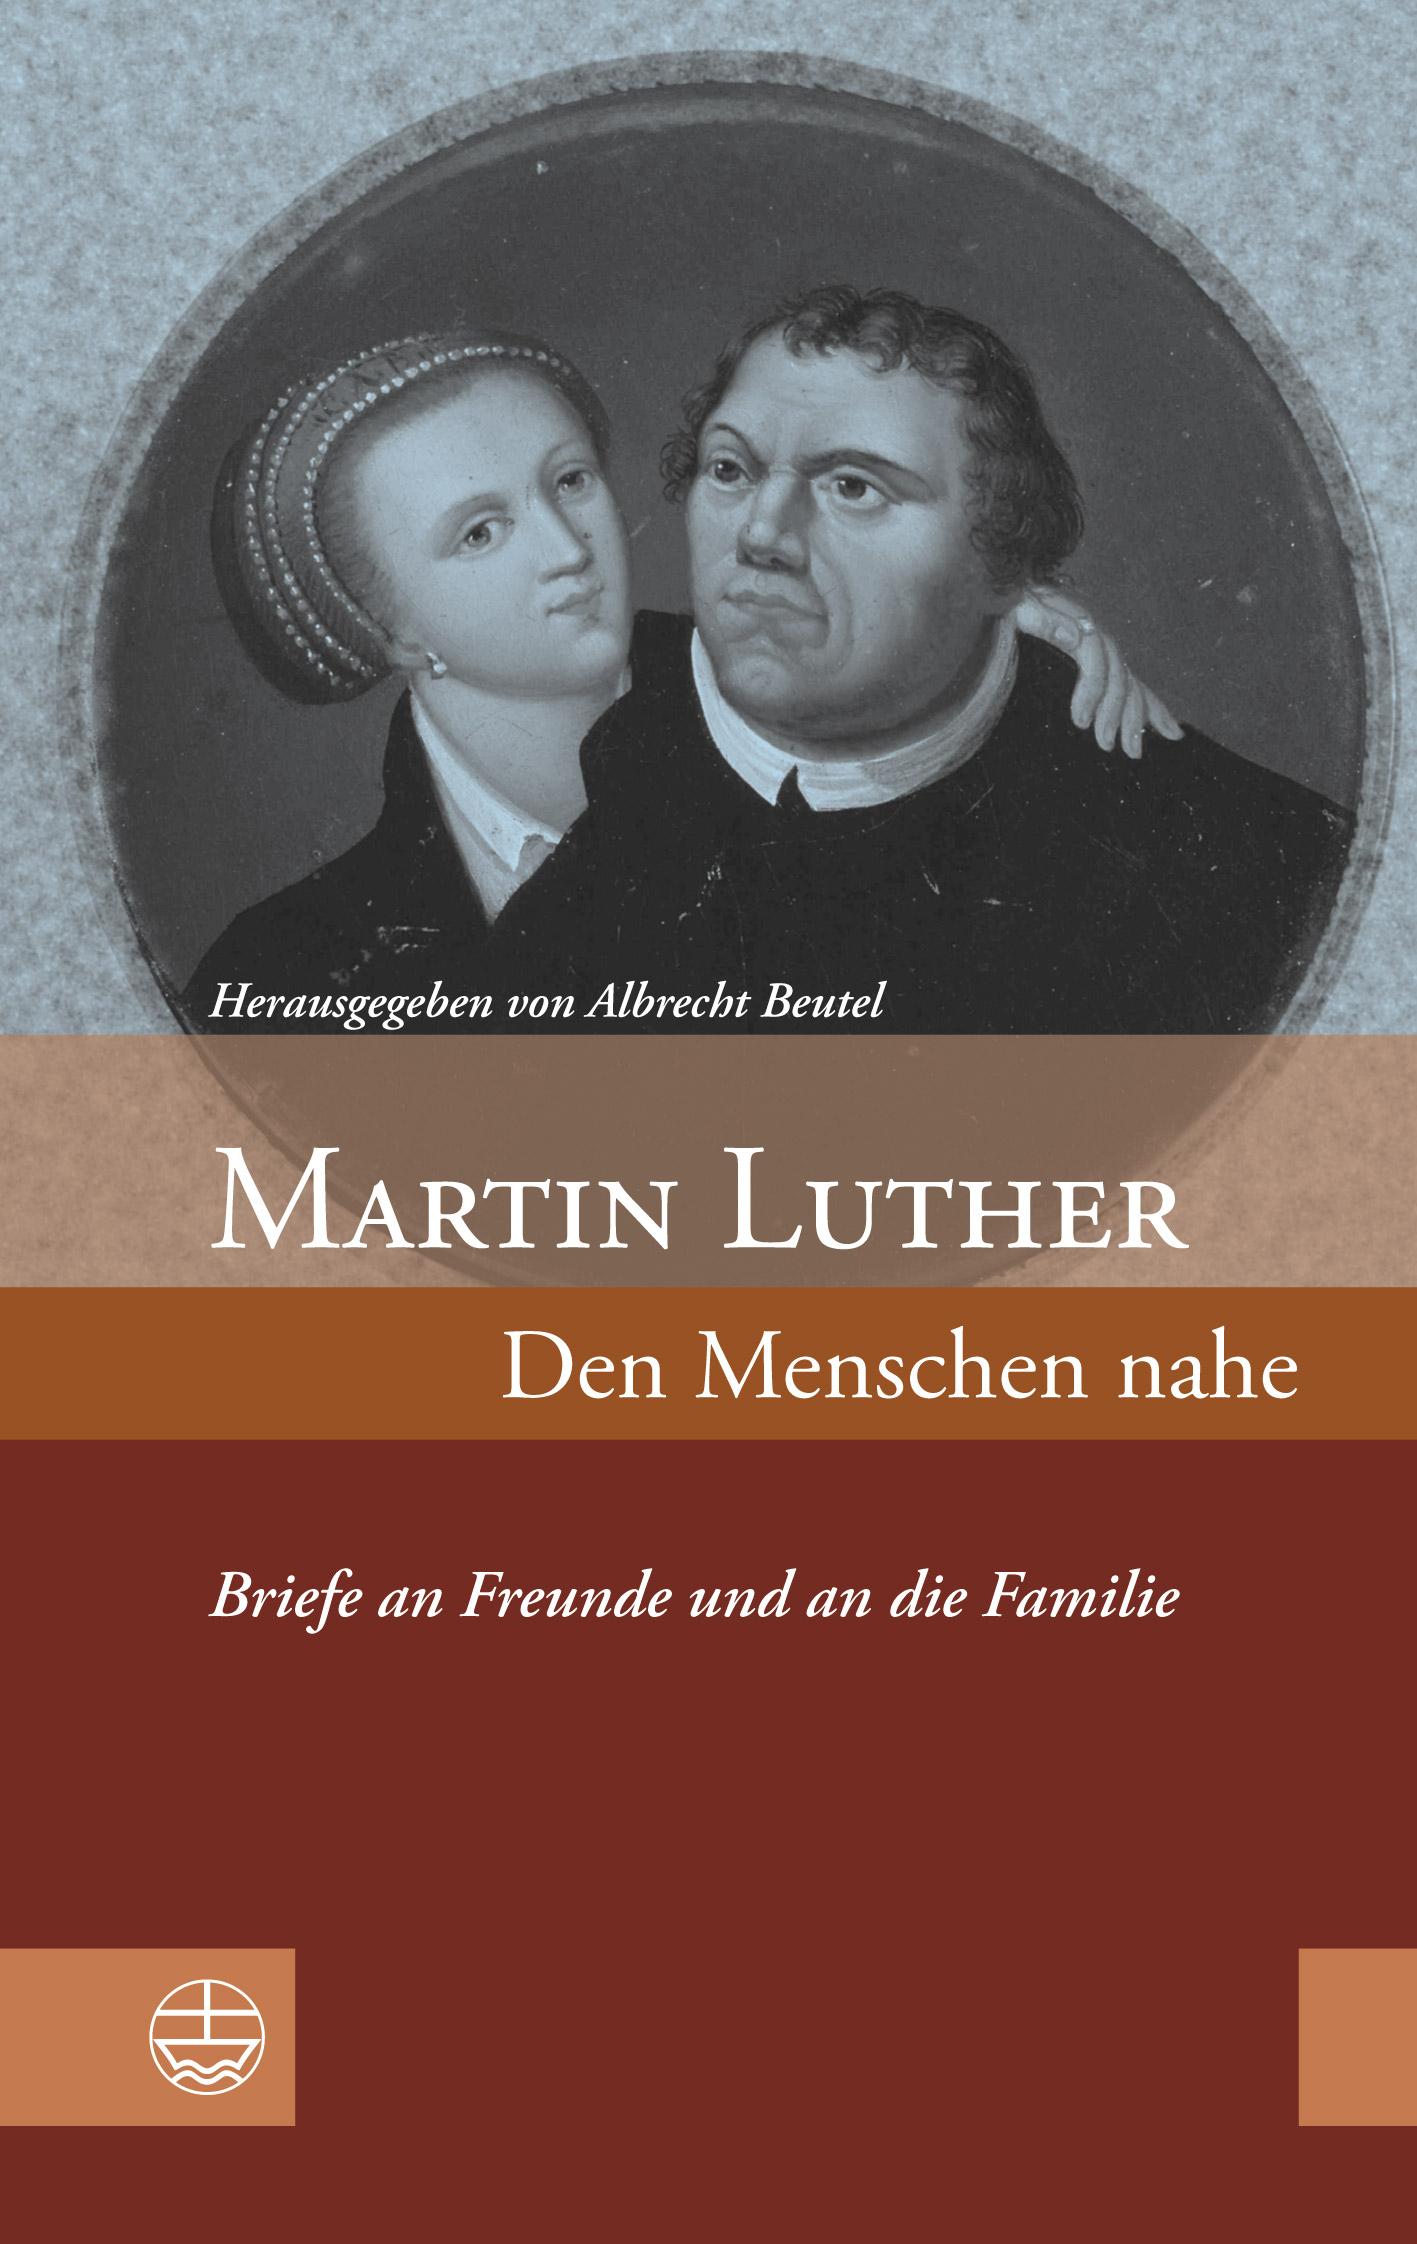 Briefe Von Luther : Den menschen nahe briefe an freunde und die familie